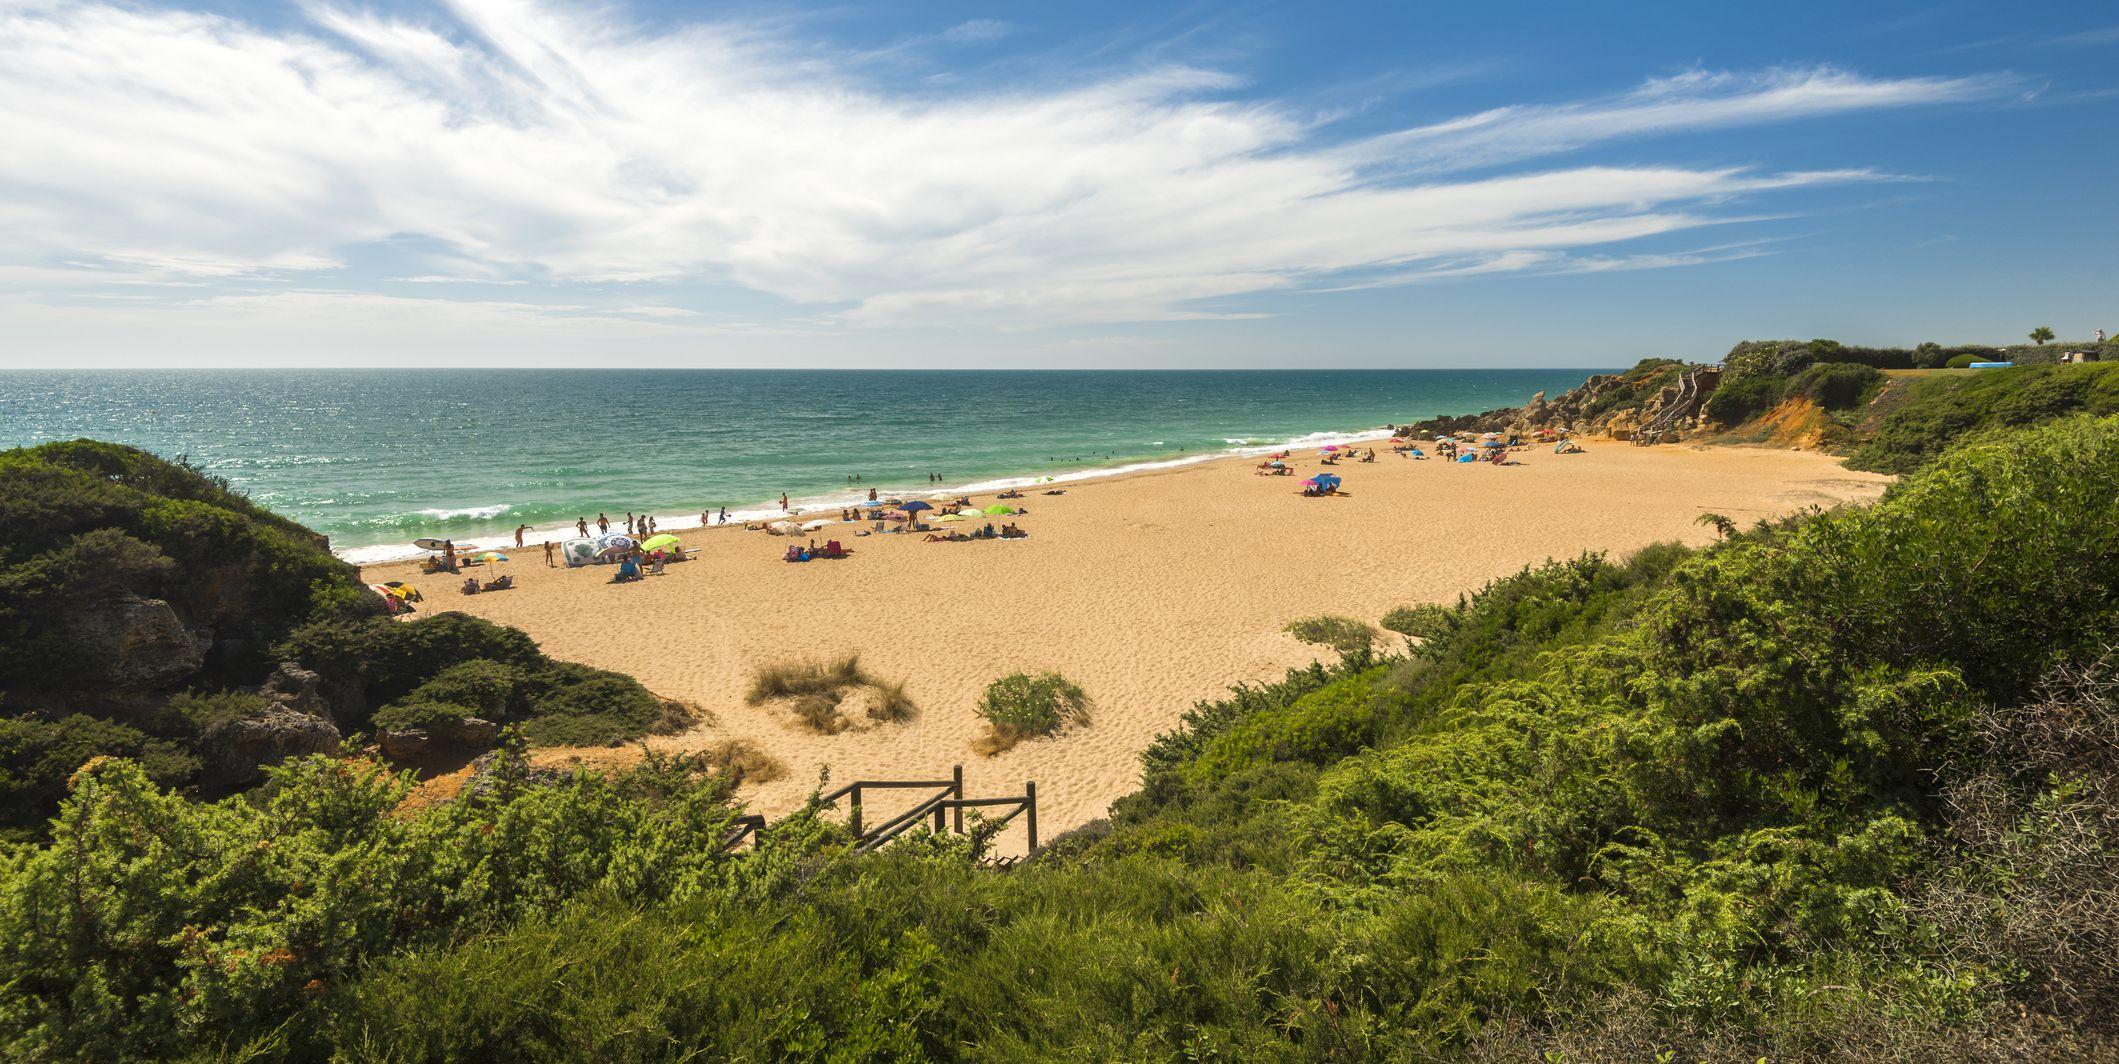 Estas son las 10 playas españolas más populares en Instagram